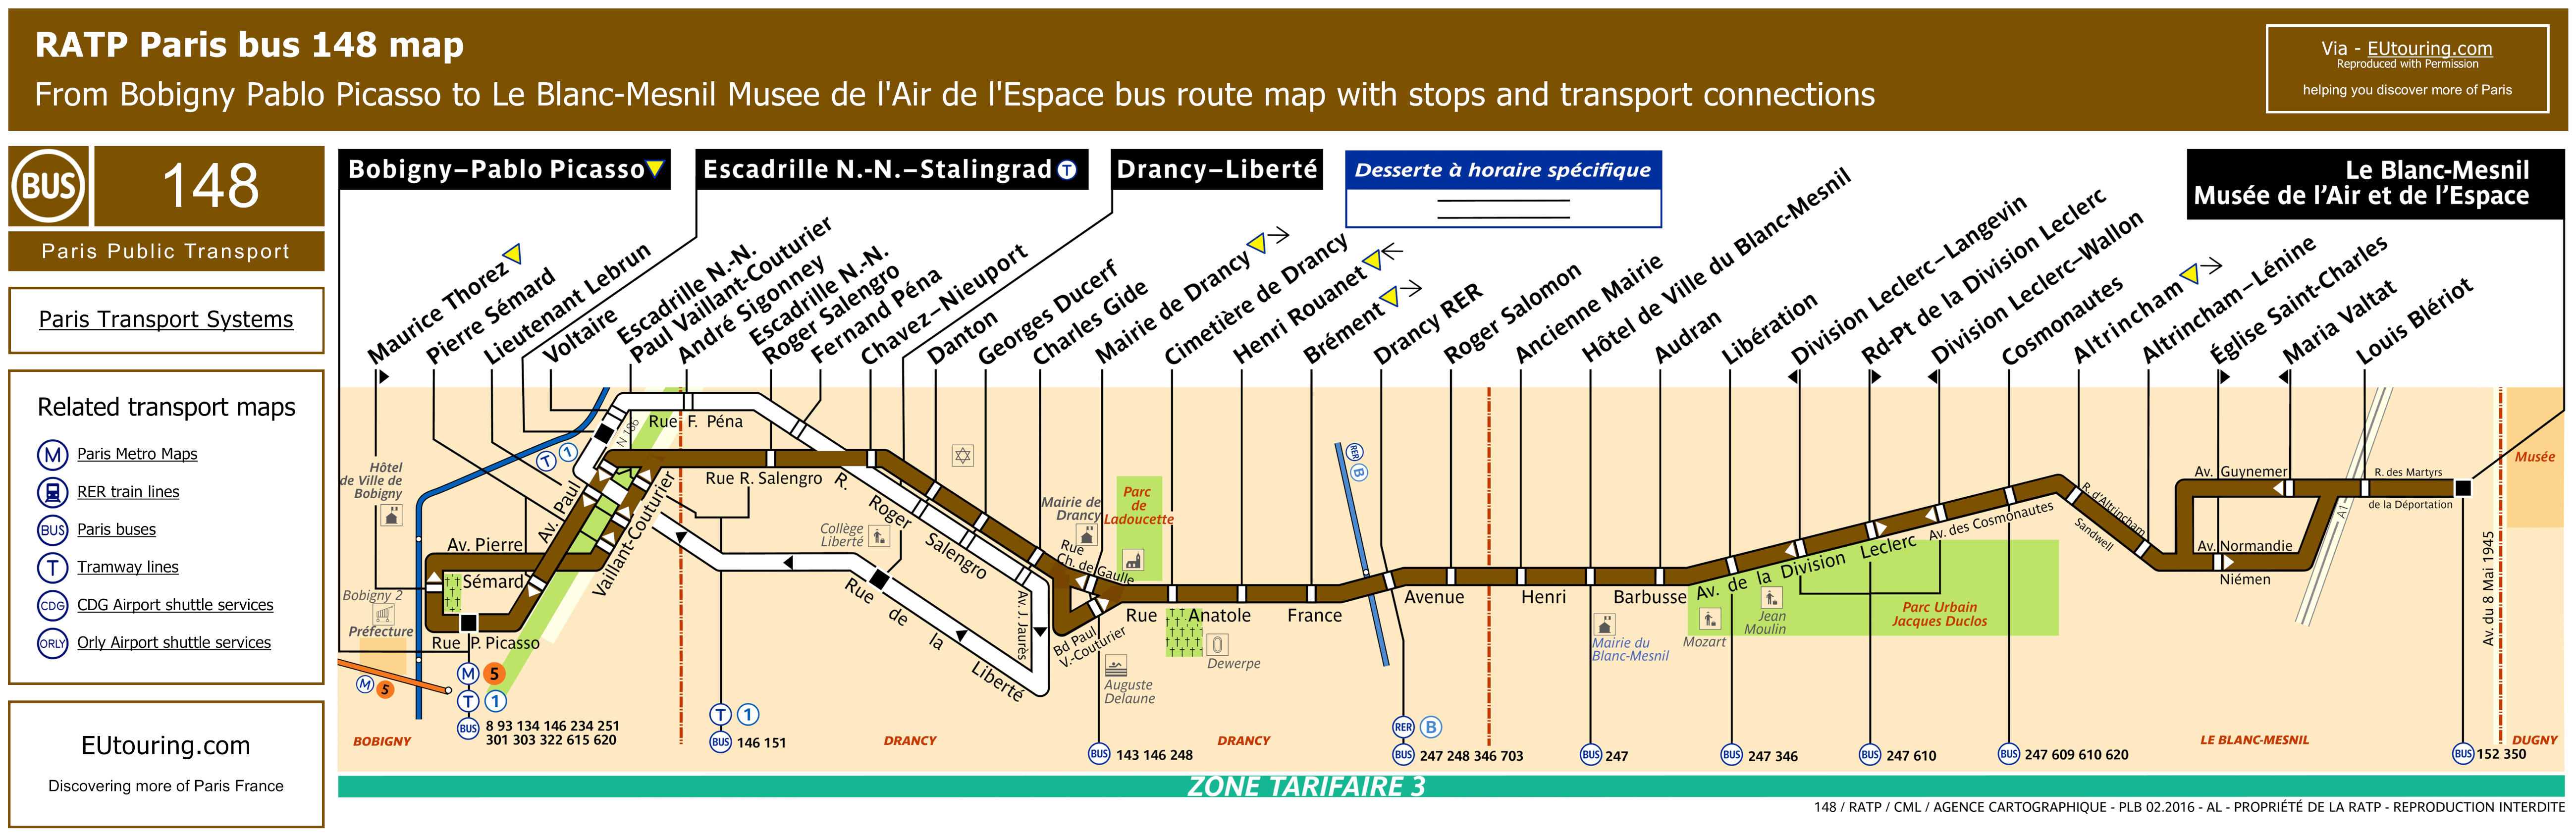 RATP Route Maps For Paris Bus Lines Through To - Bus map paris france